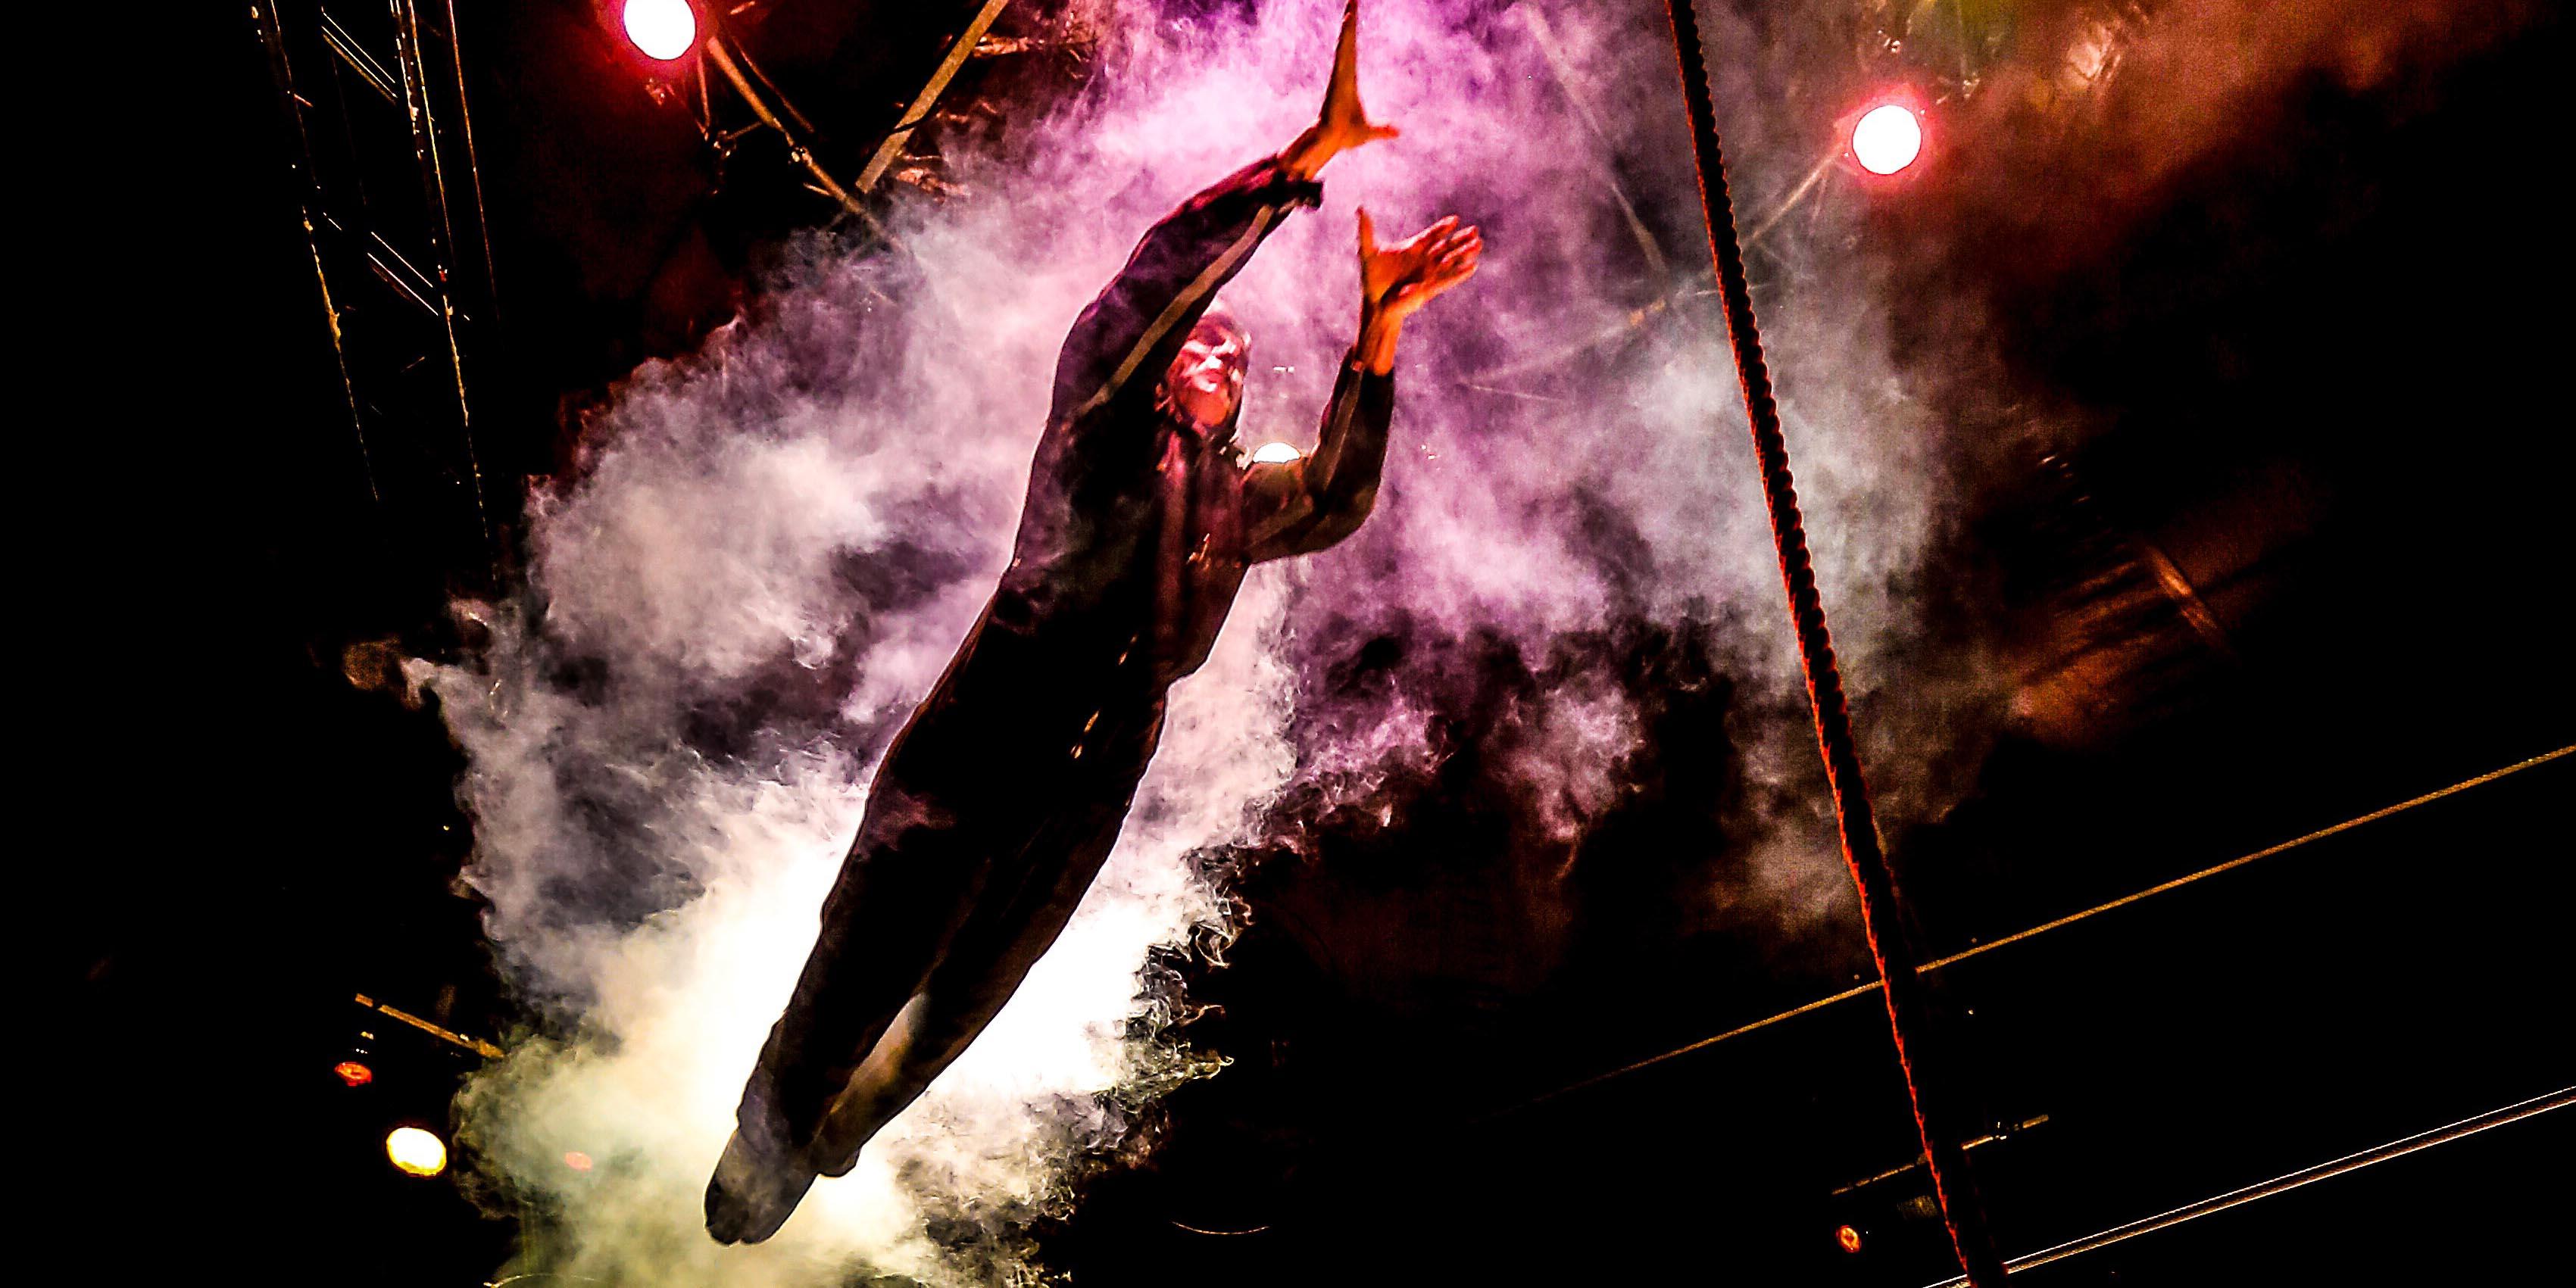 David Dimitri într-un spectacol de circ contemporan la FITS 2017